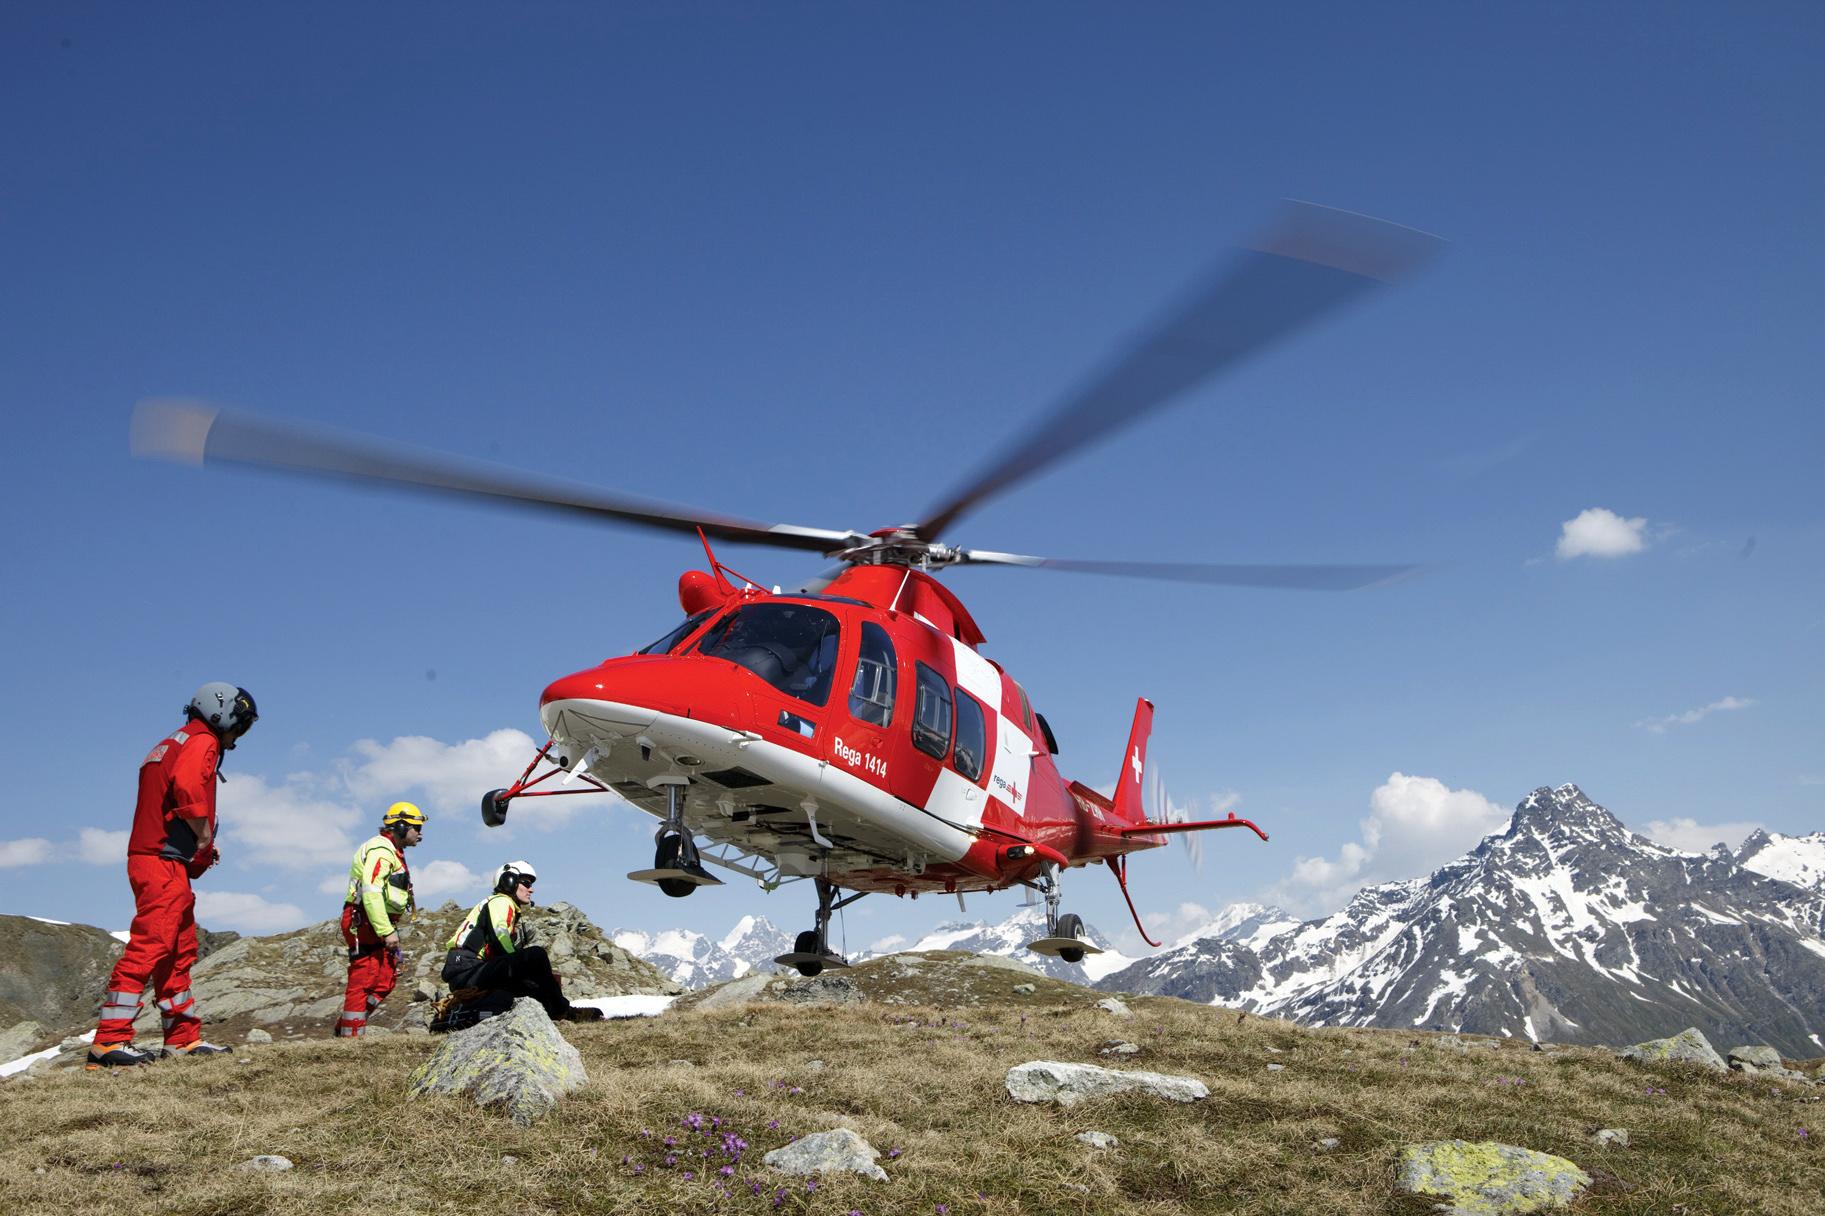 Elicottero Costo : Recuperare un escursionista colto da malore in montagna